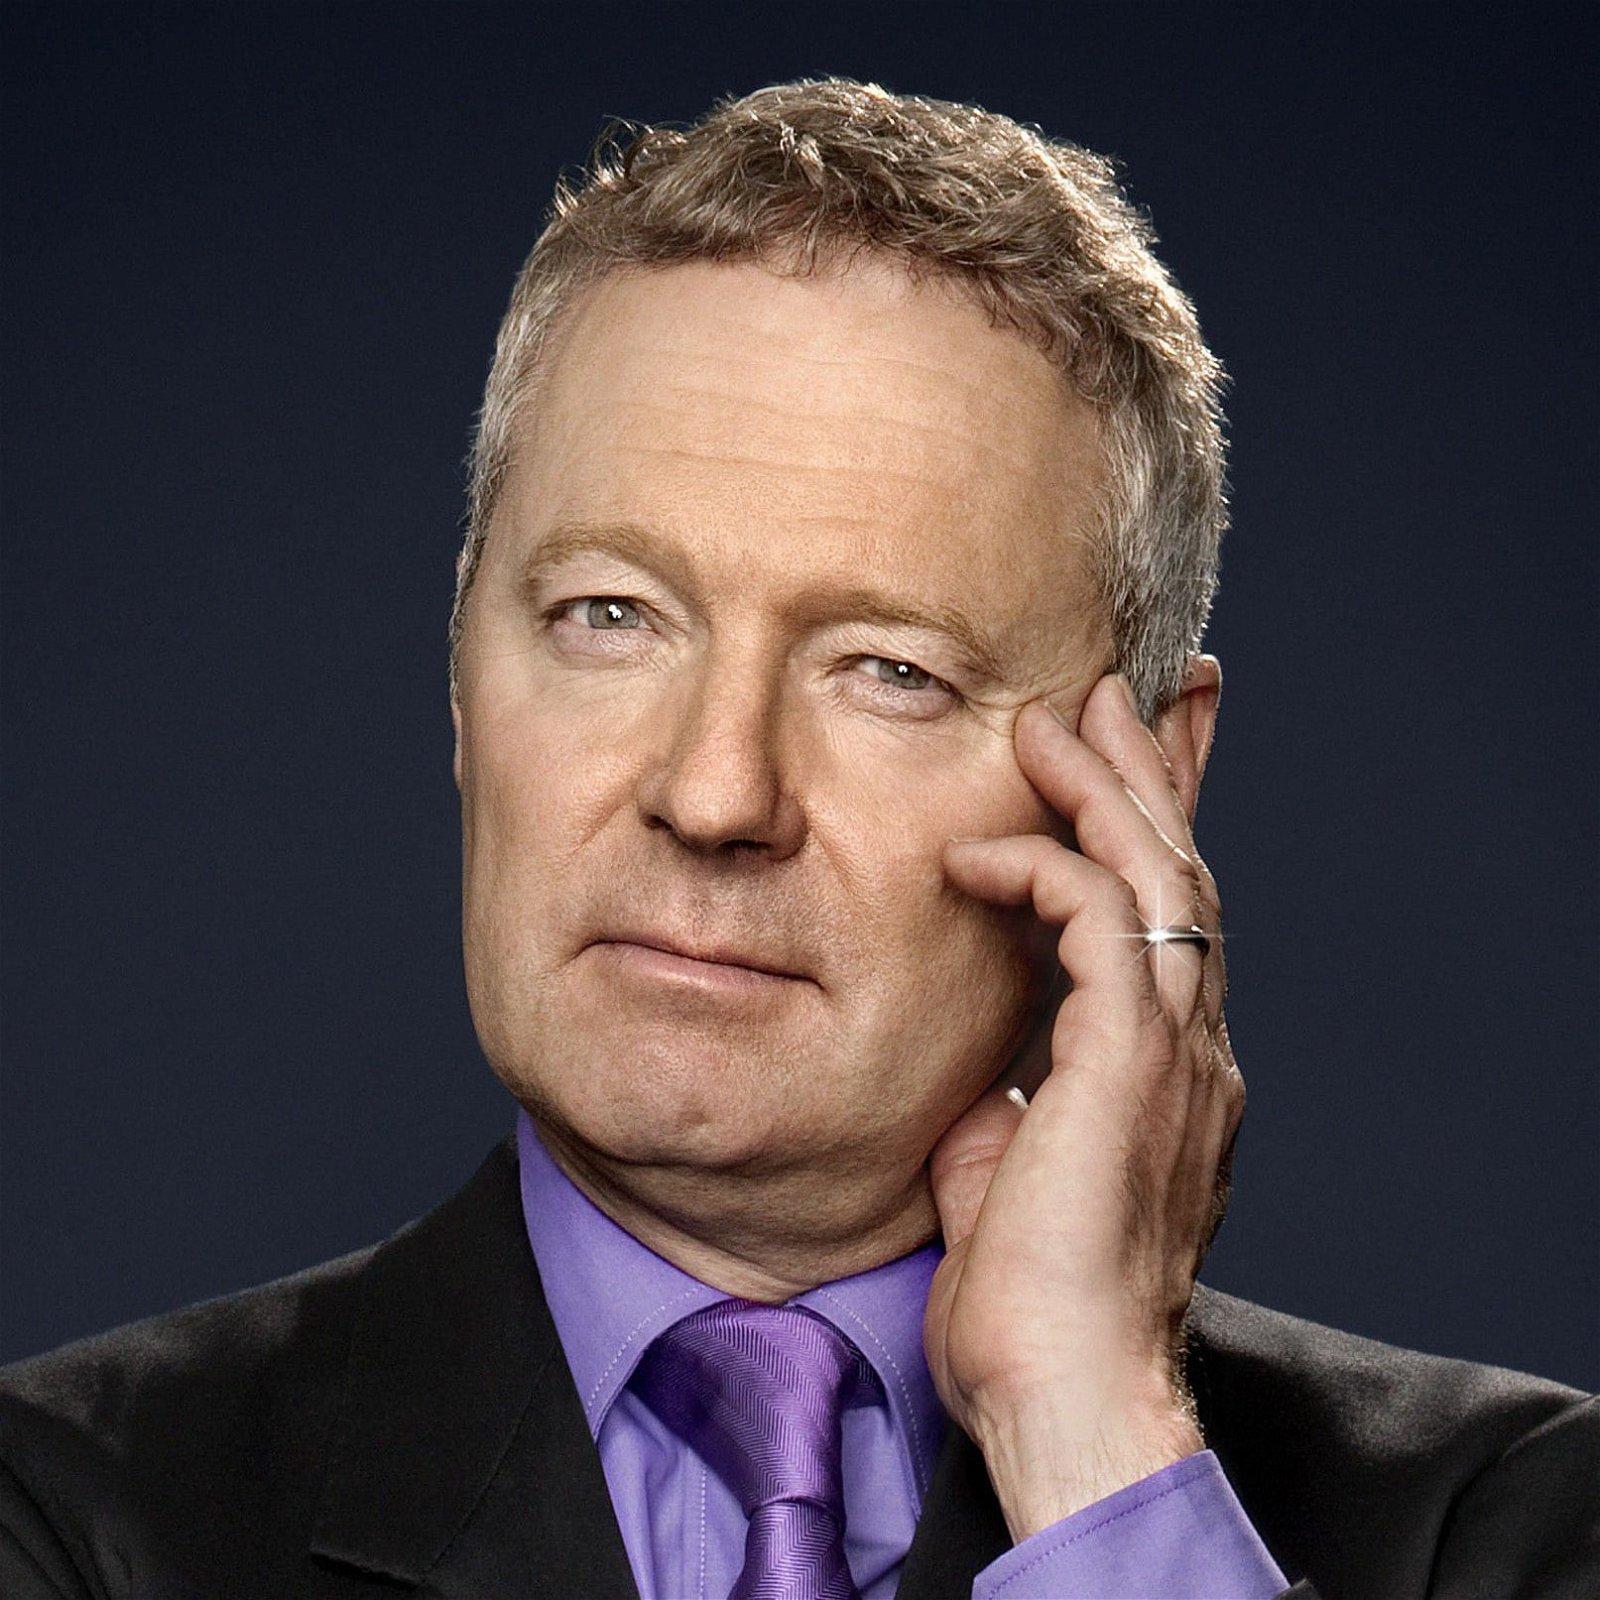 Rory-Bremner-stand-up-comedian-awards-host-after-dinner-speaker-inpressionist-at-Great-British-Speaker